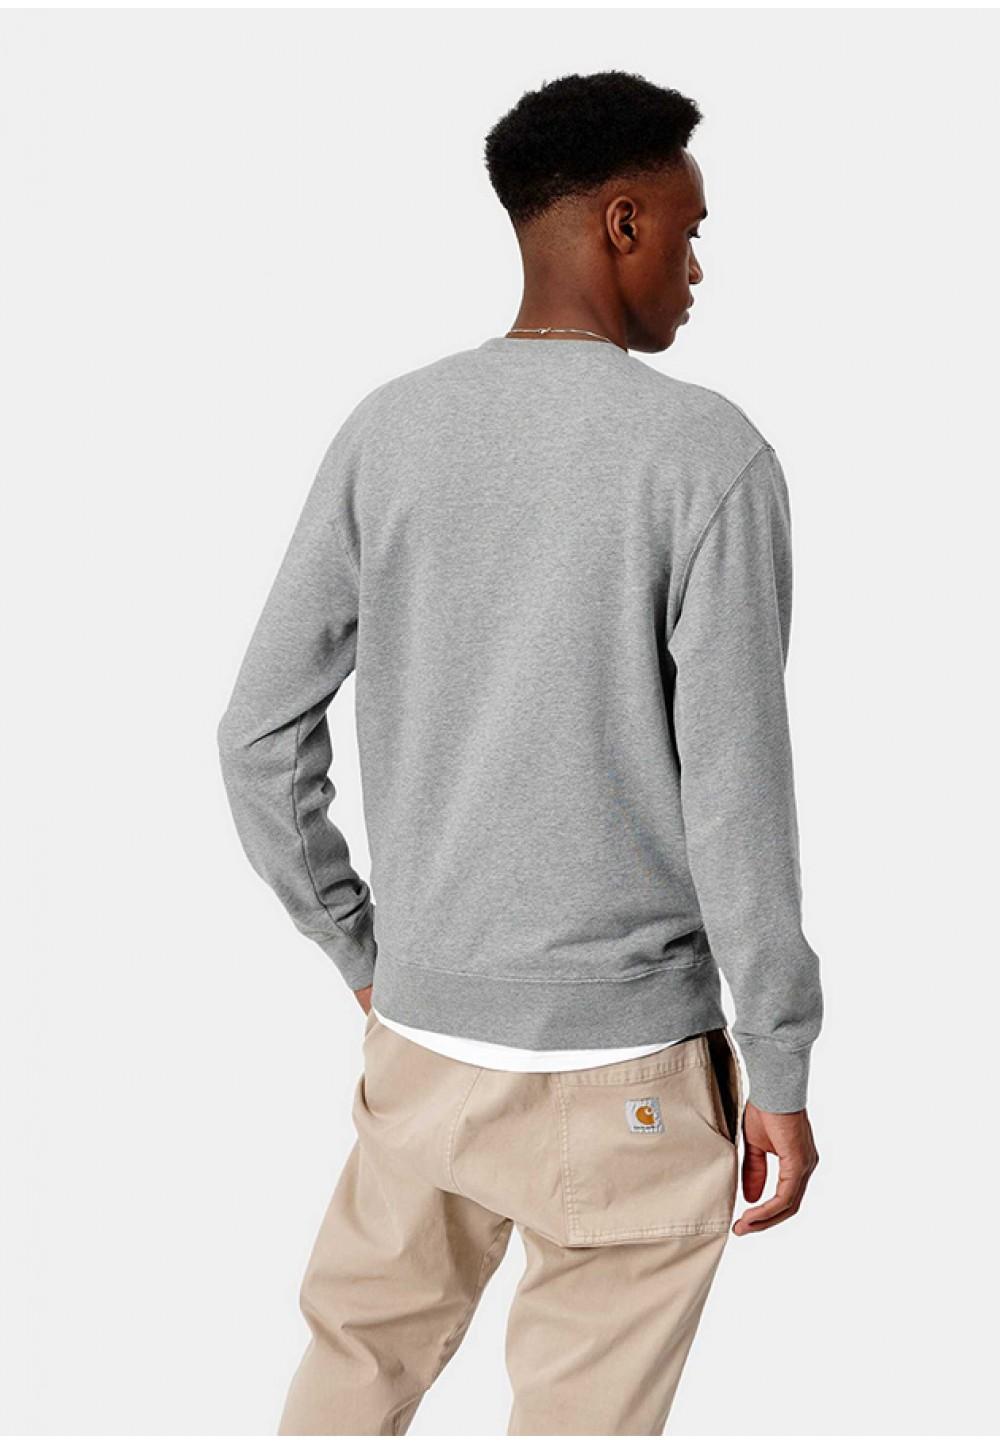 Стильный серый свитшот с логотипом на груди